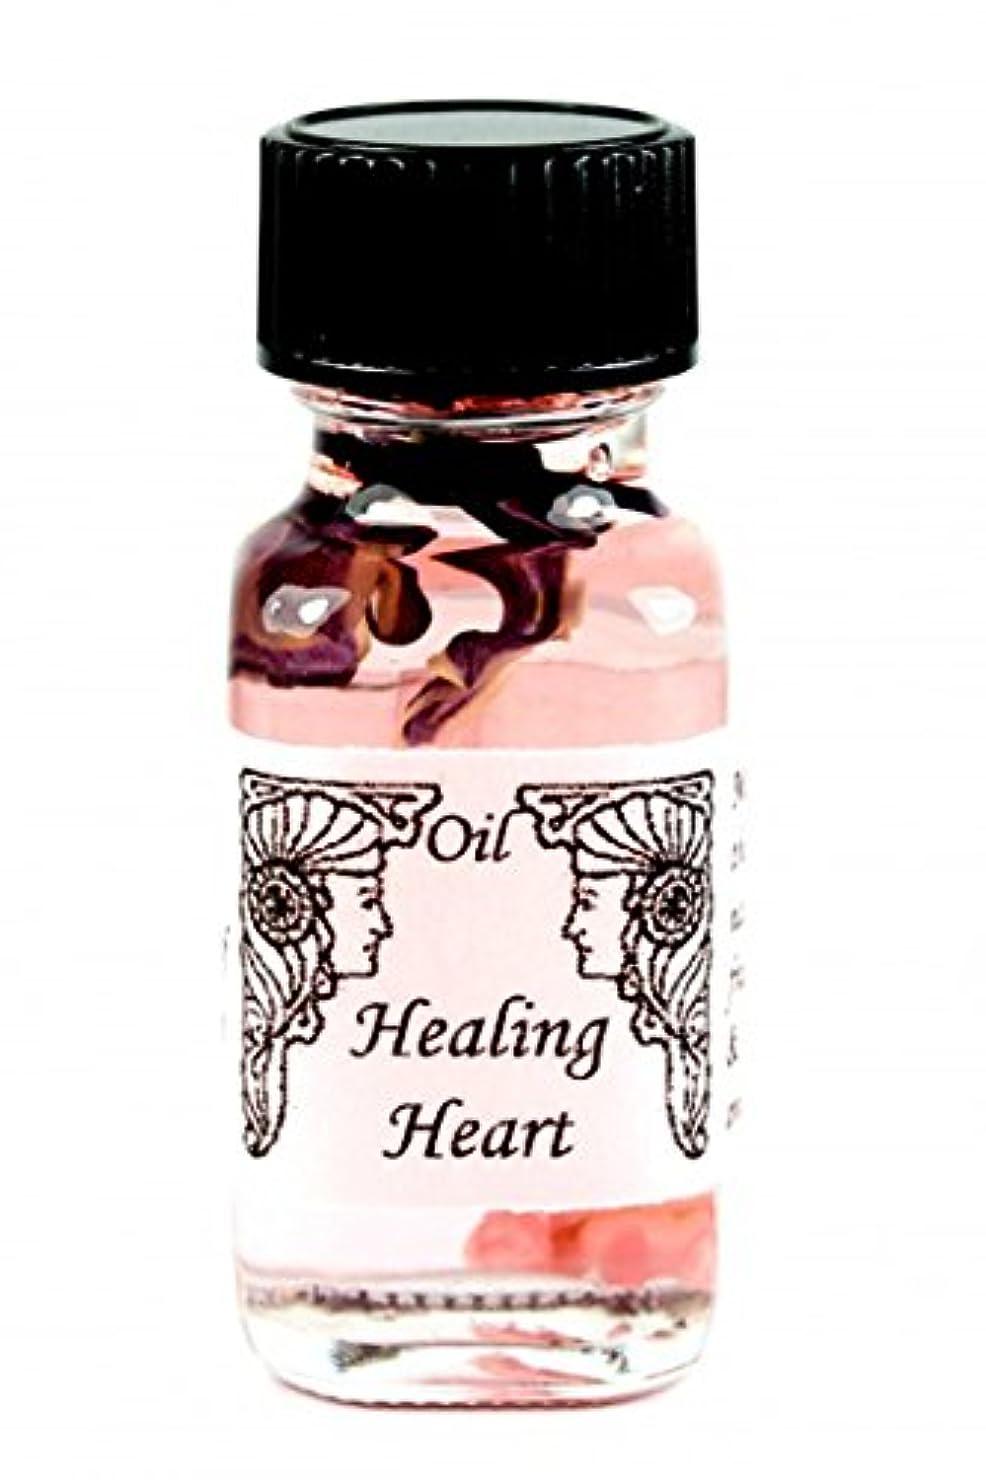 アグネスグレイ乱闘オリエンテーションアンシェントメモリーオイル Healing Heart (心を癒す)